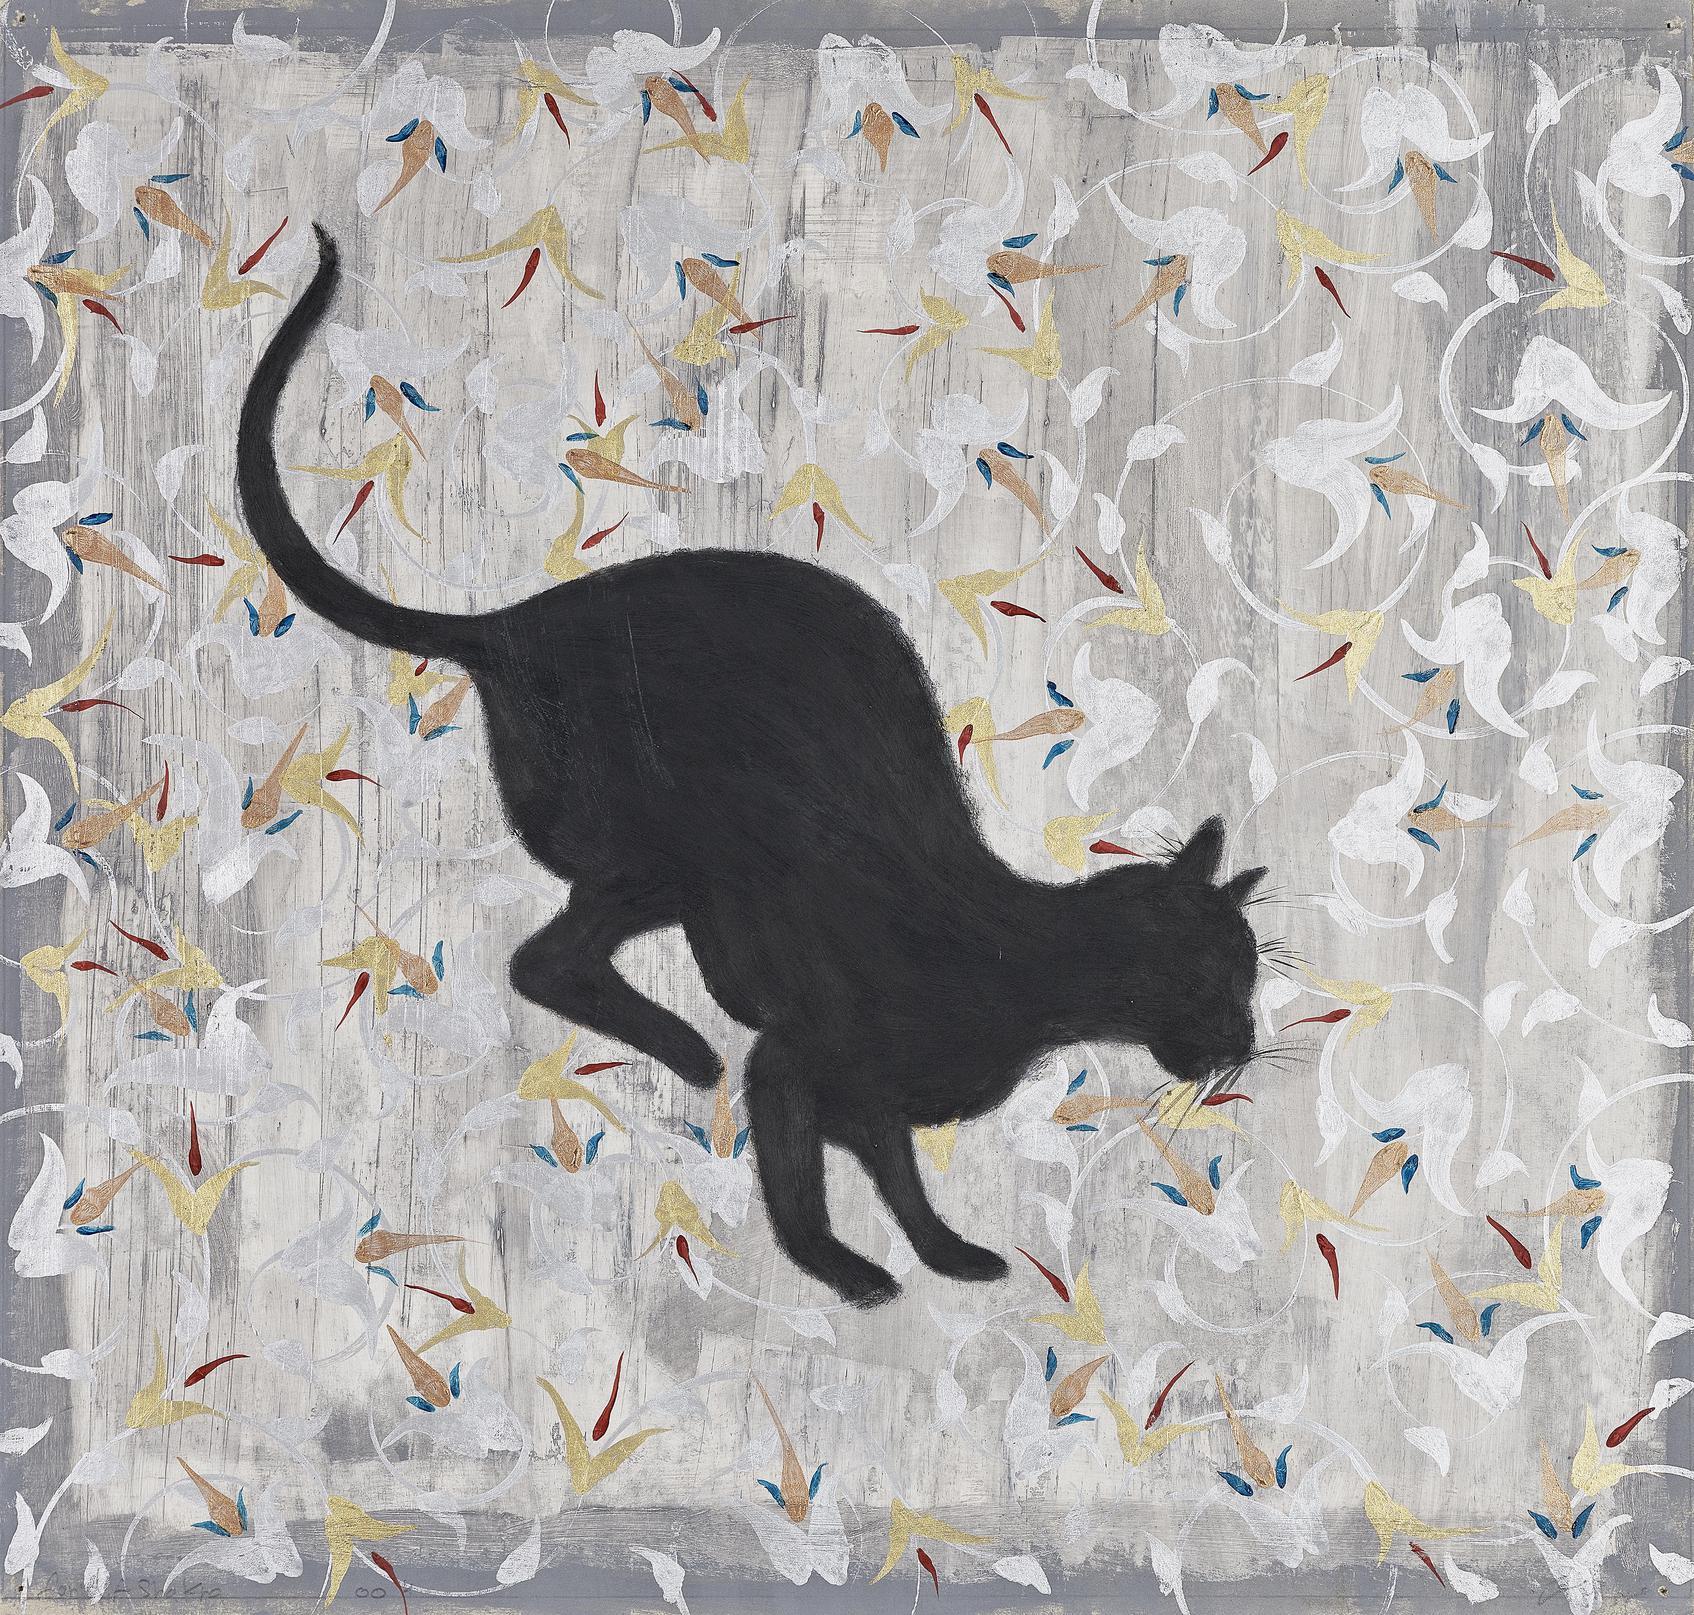 Farid Abu-Shakra - Cat-2004